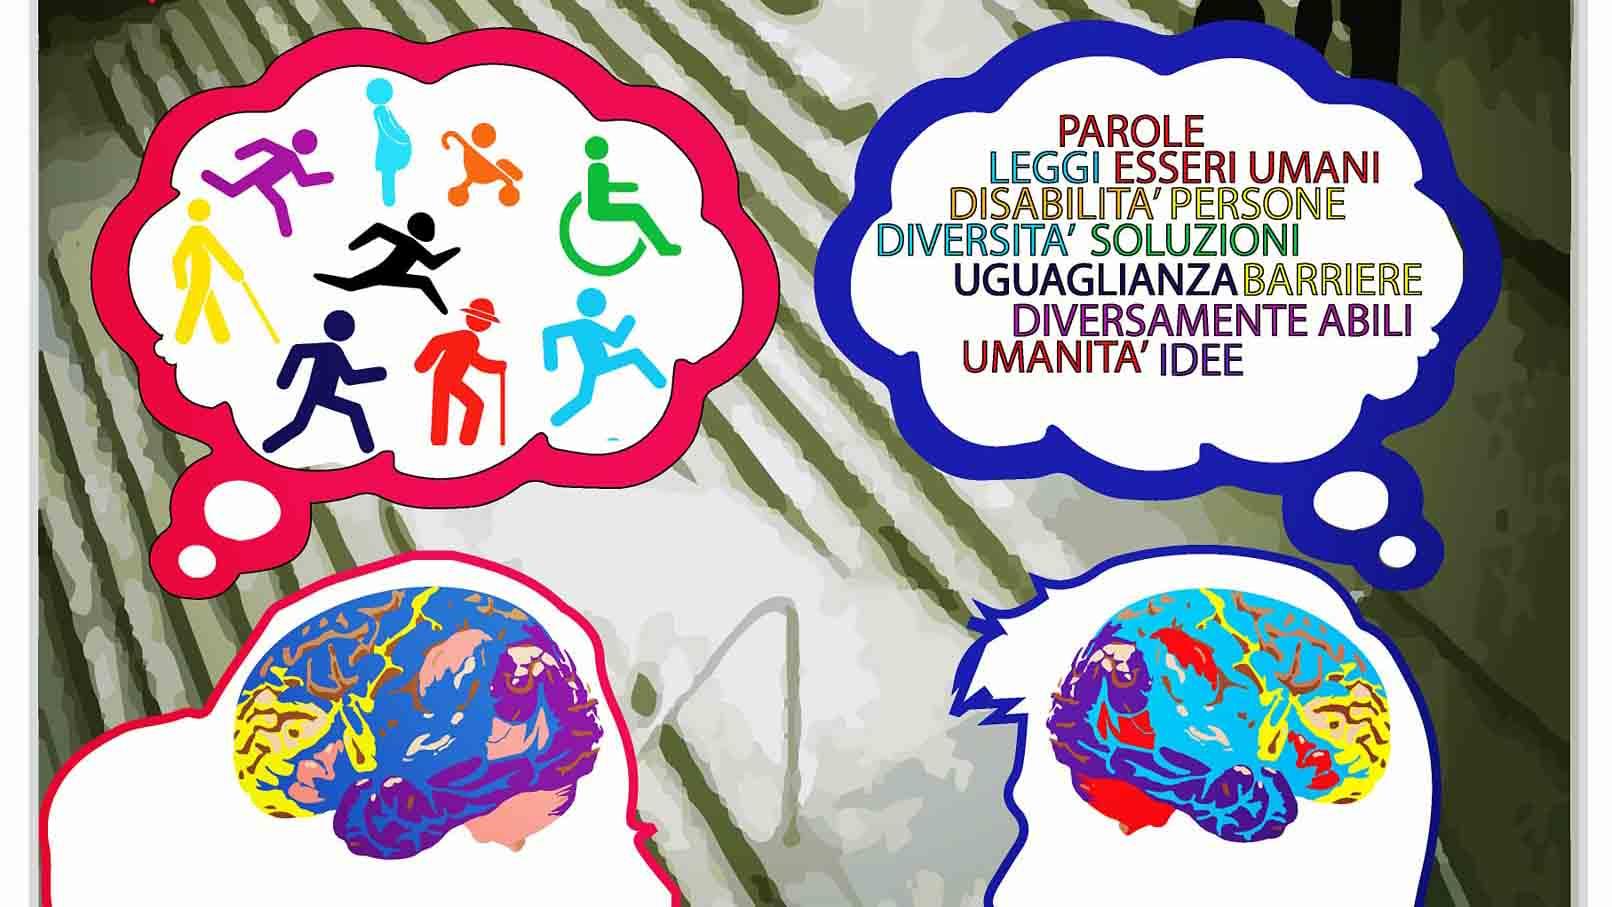 Dialogo sulla disabilità a Palermo